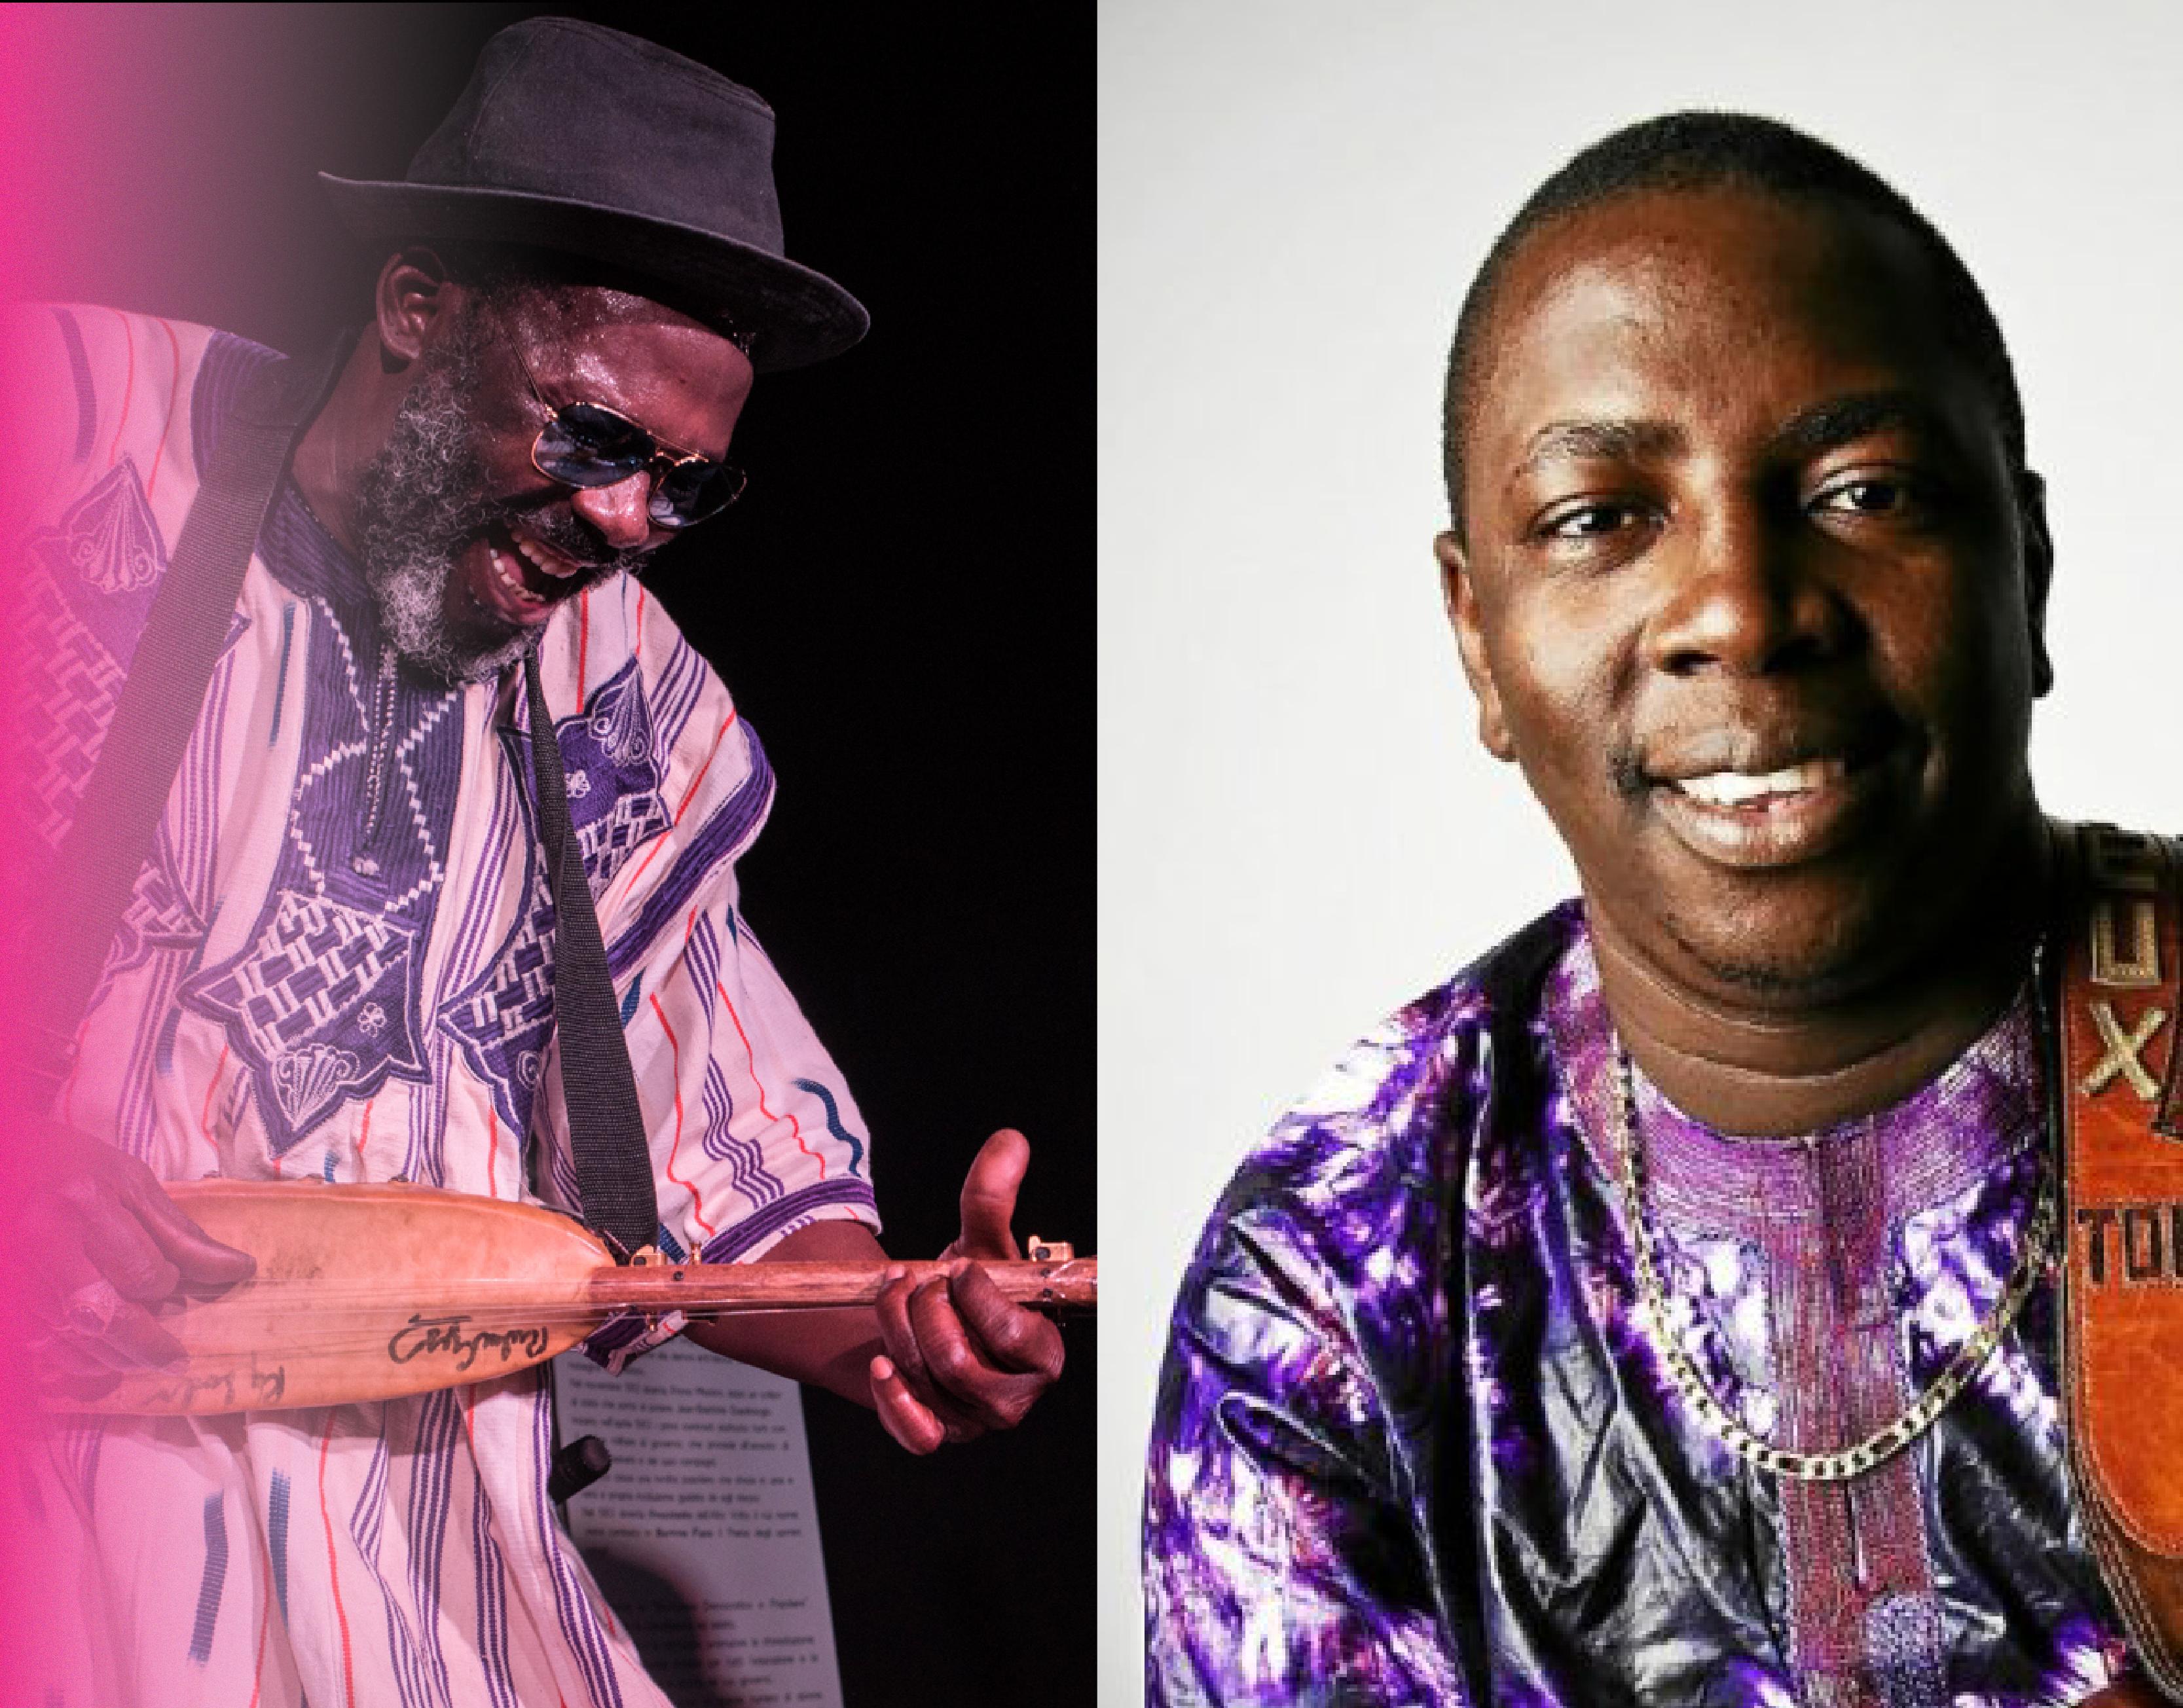 Baba Sissoko + Vieux Farka Touré